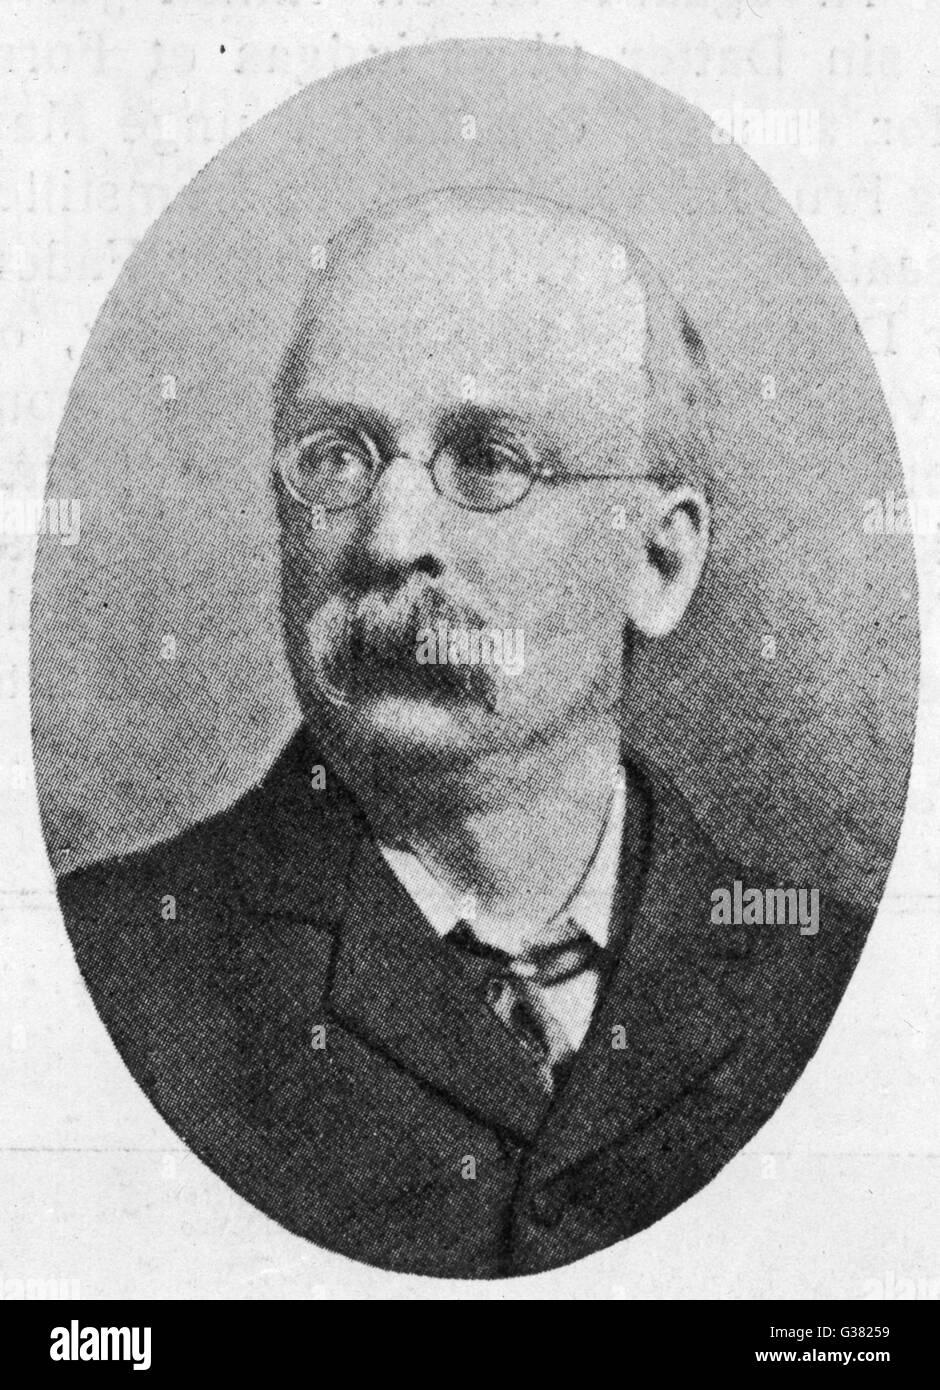 EBENEZER HOWARD riformatore e ideatore del concetto di città giardino data: 1850 - 1928 Immagini Stock